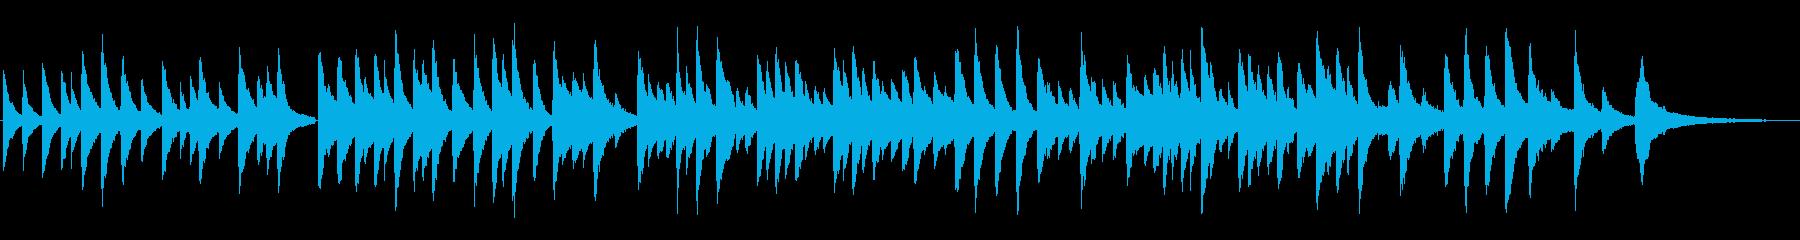 クリスマス「荒野の果てに」ピアノソロの再生済みの波形